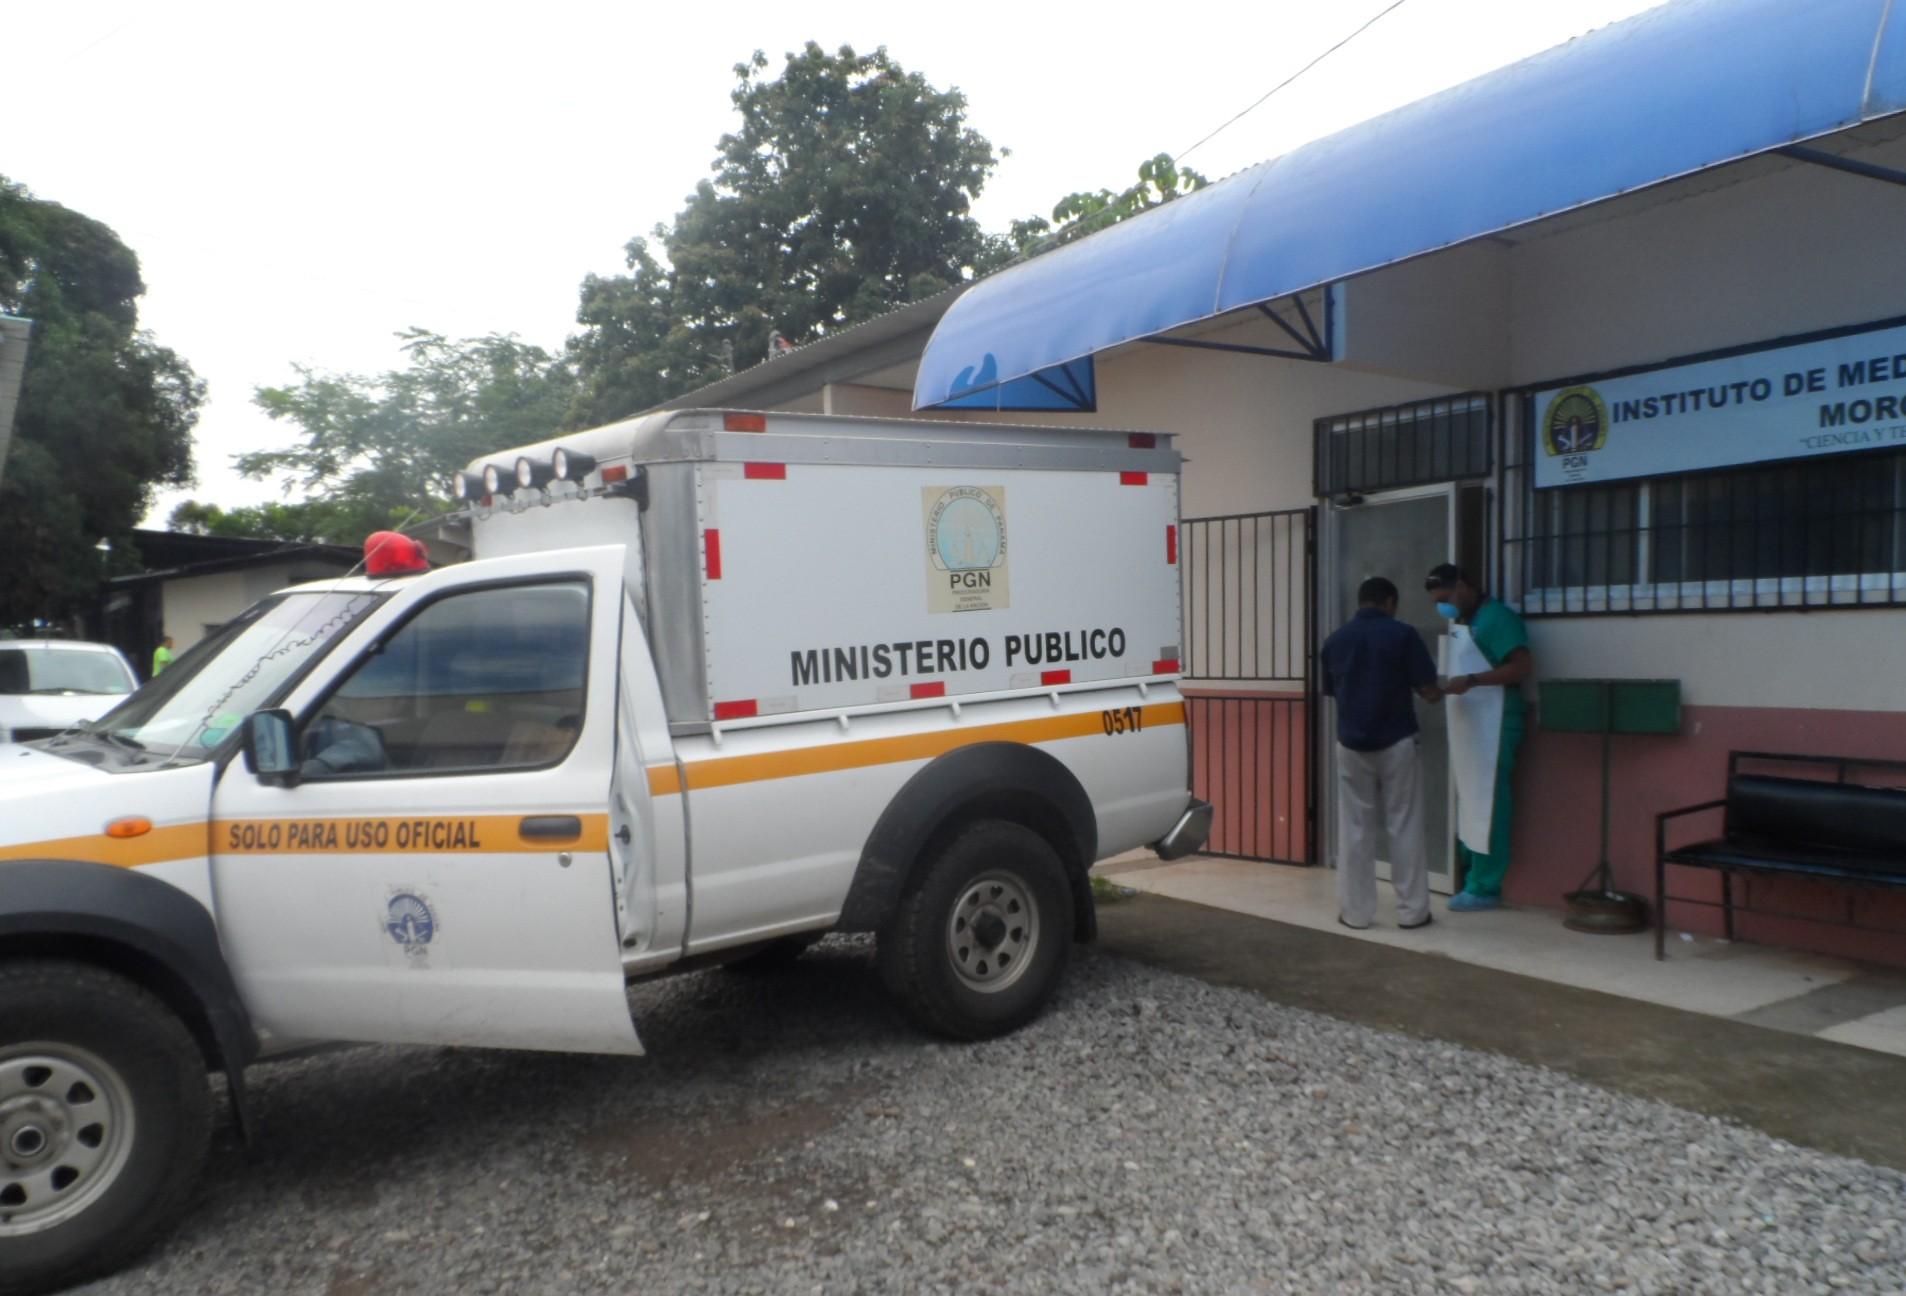 La Policía Nacional, en conjunto con el Ministerio Público, buscan esclarecer el móvil de este presunto homicidio y dar con los responsables.